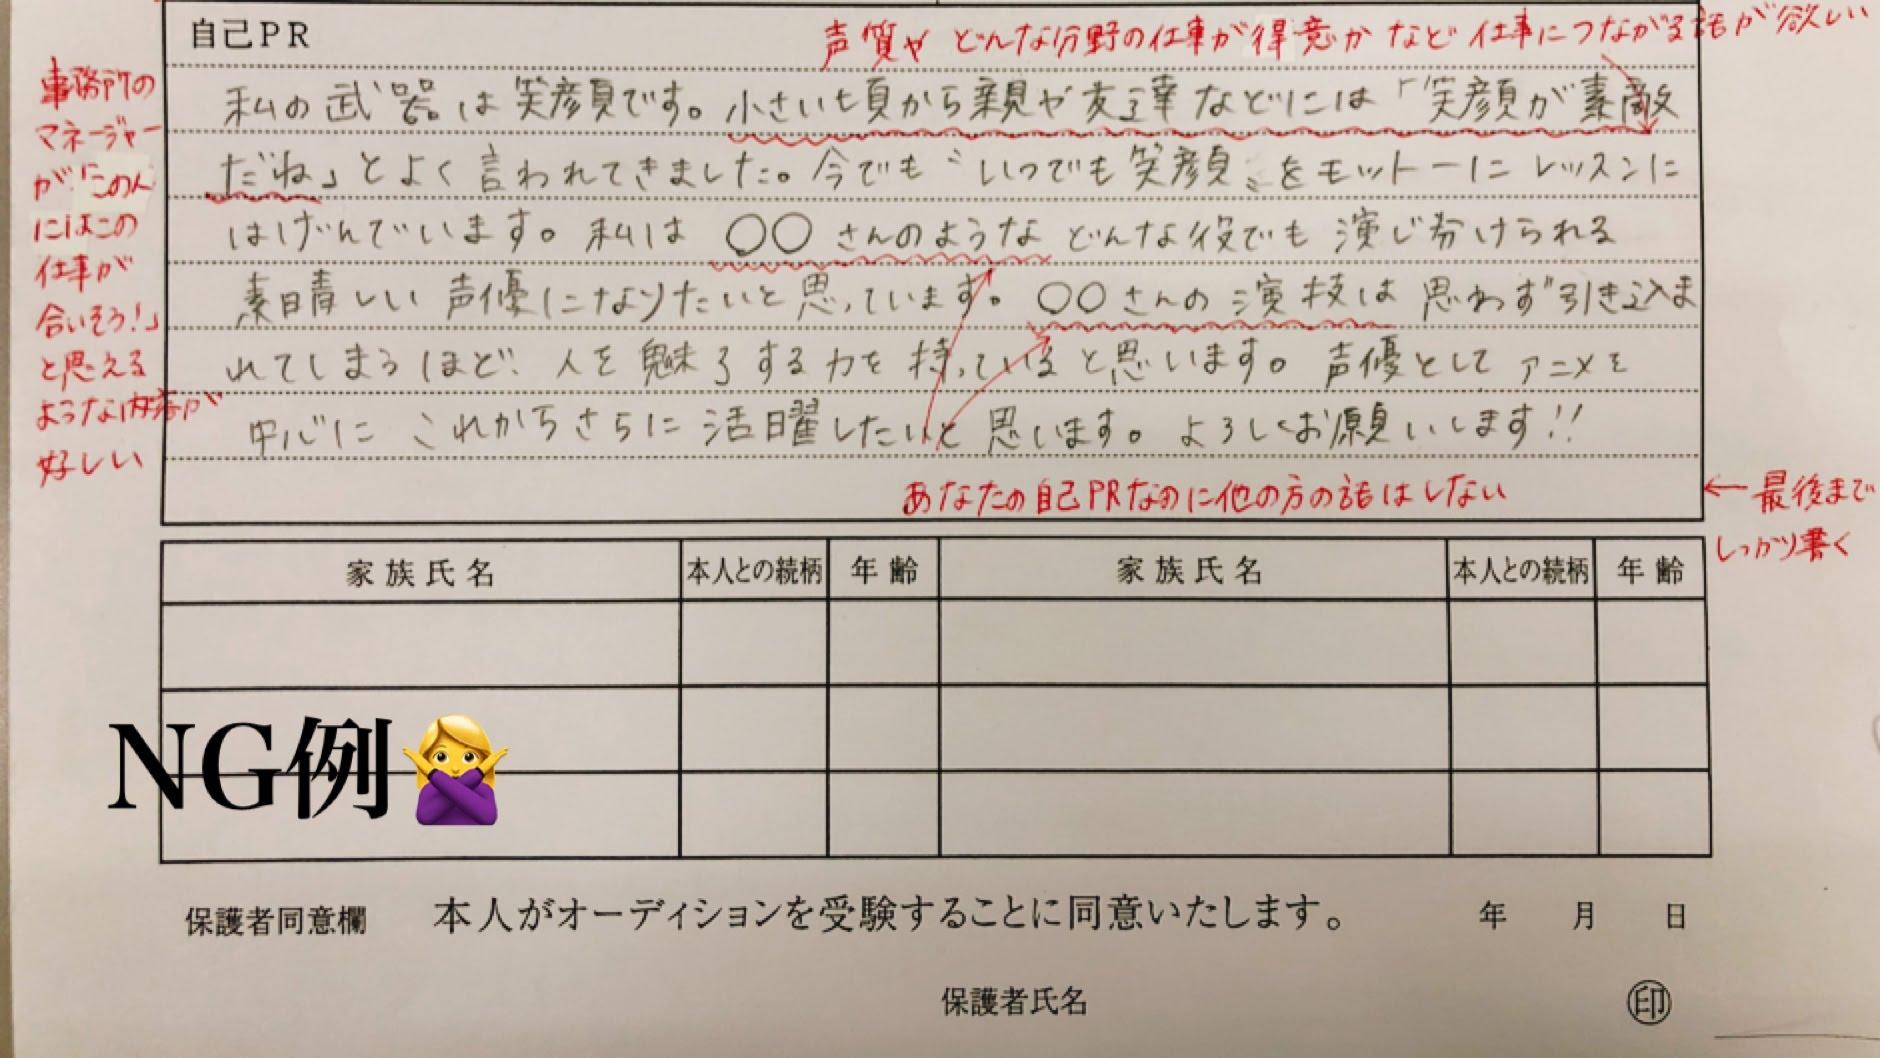 NG例2.JPG